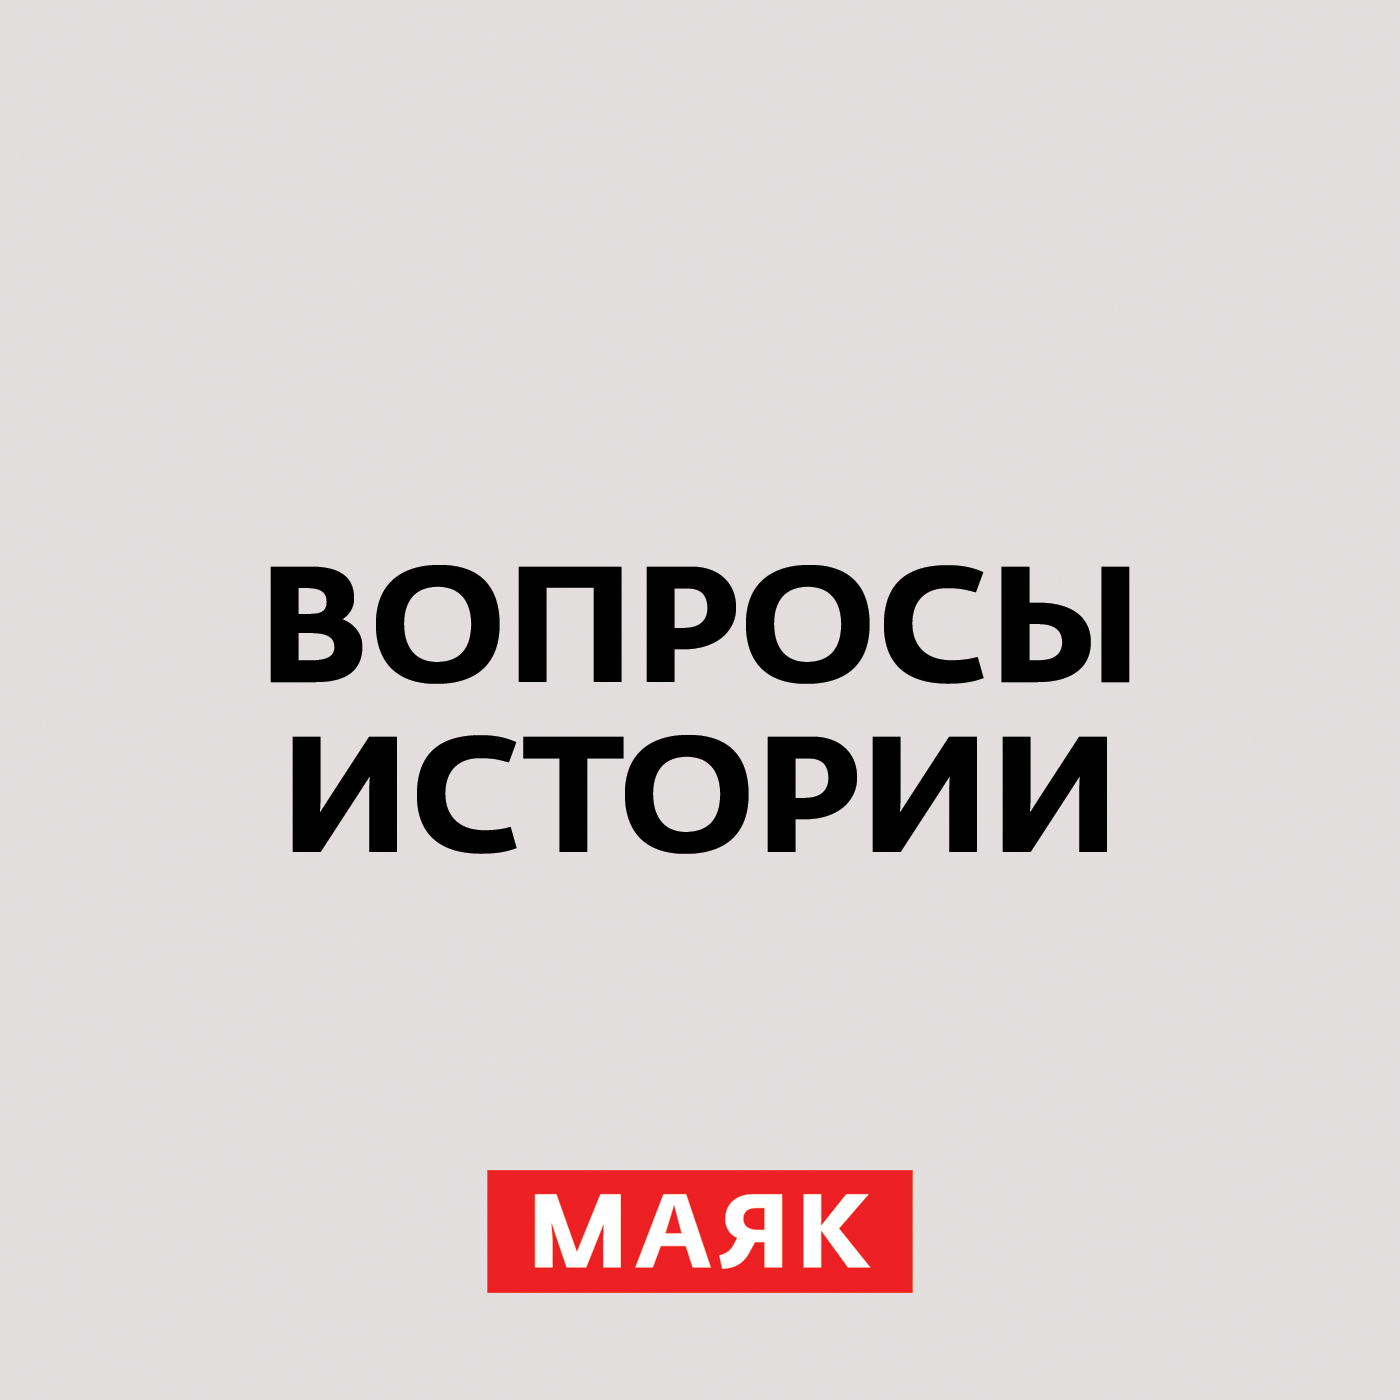 Андрей Светенко Первая мировая война: предыстория конфликта мировая классика